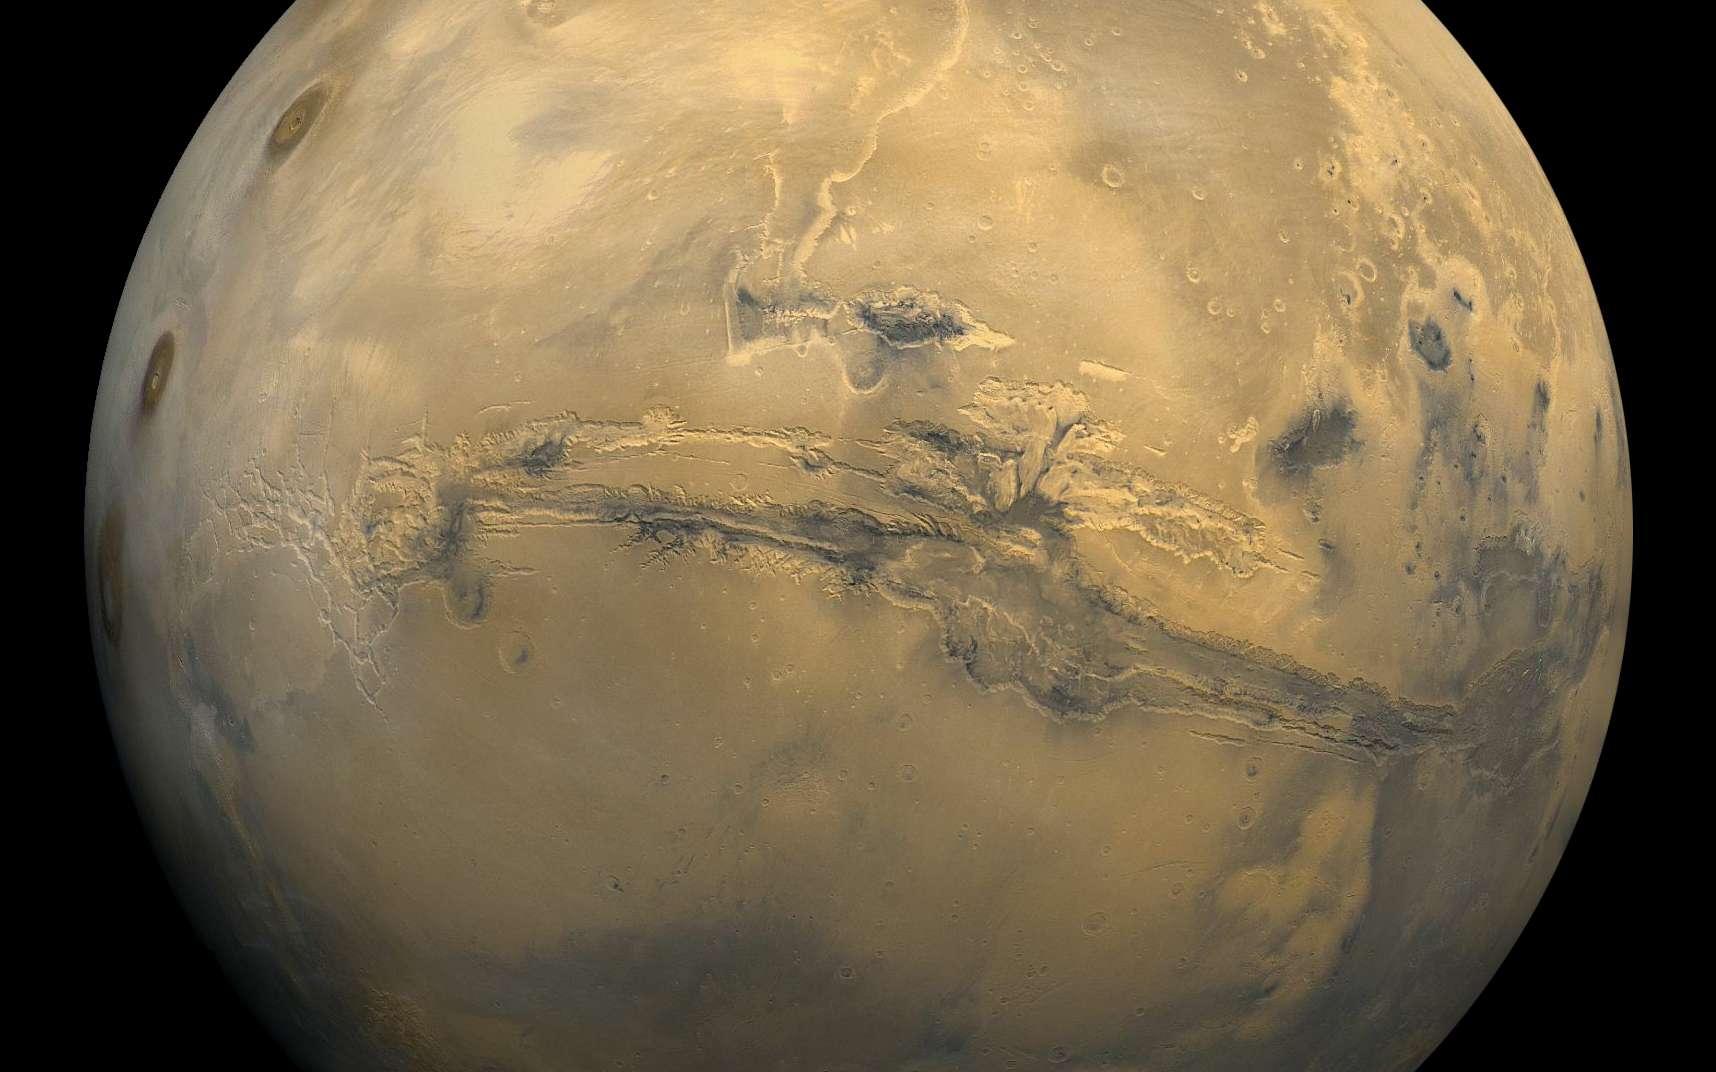 La planète Mars abrite peut-être encore des formes de vie, ou pour le moins des fossiles de celles qui seraient éventuellement apparues sur la Planète rouge voilà des milliards d'années. © Nasa